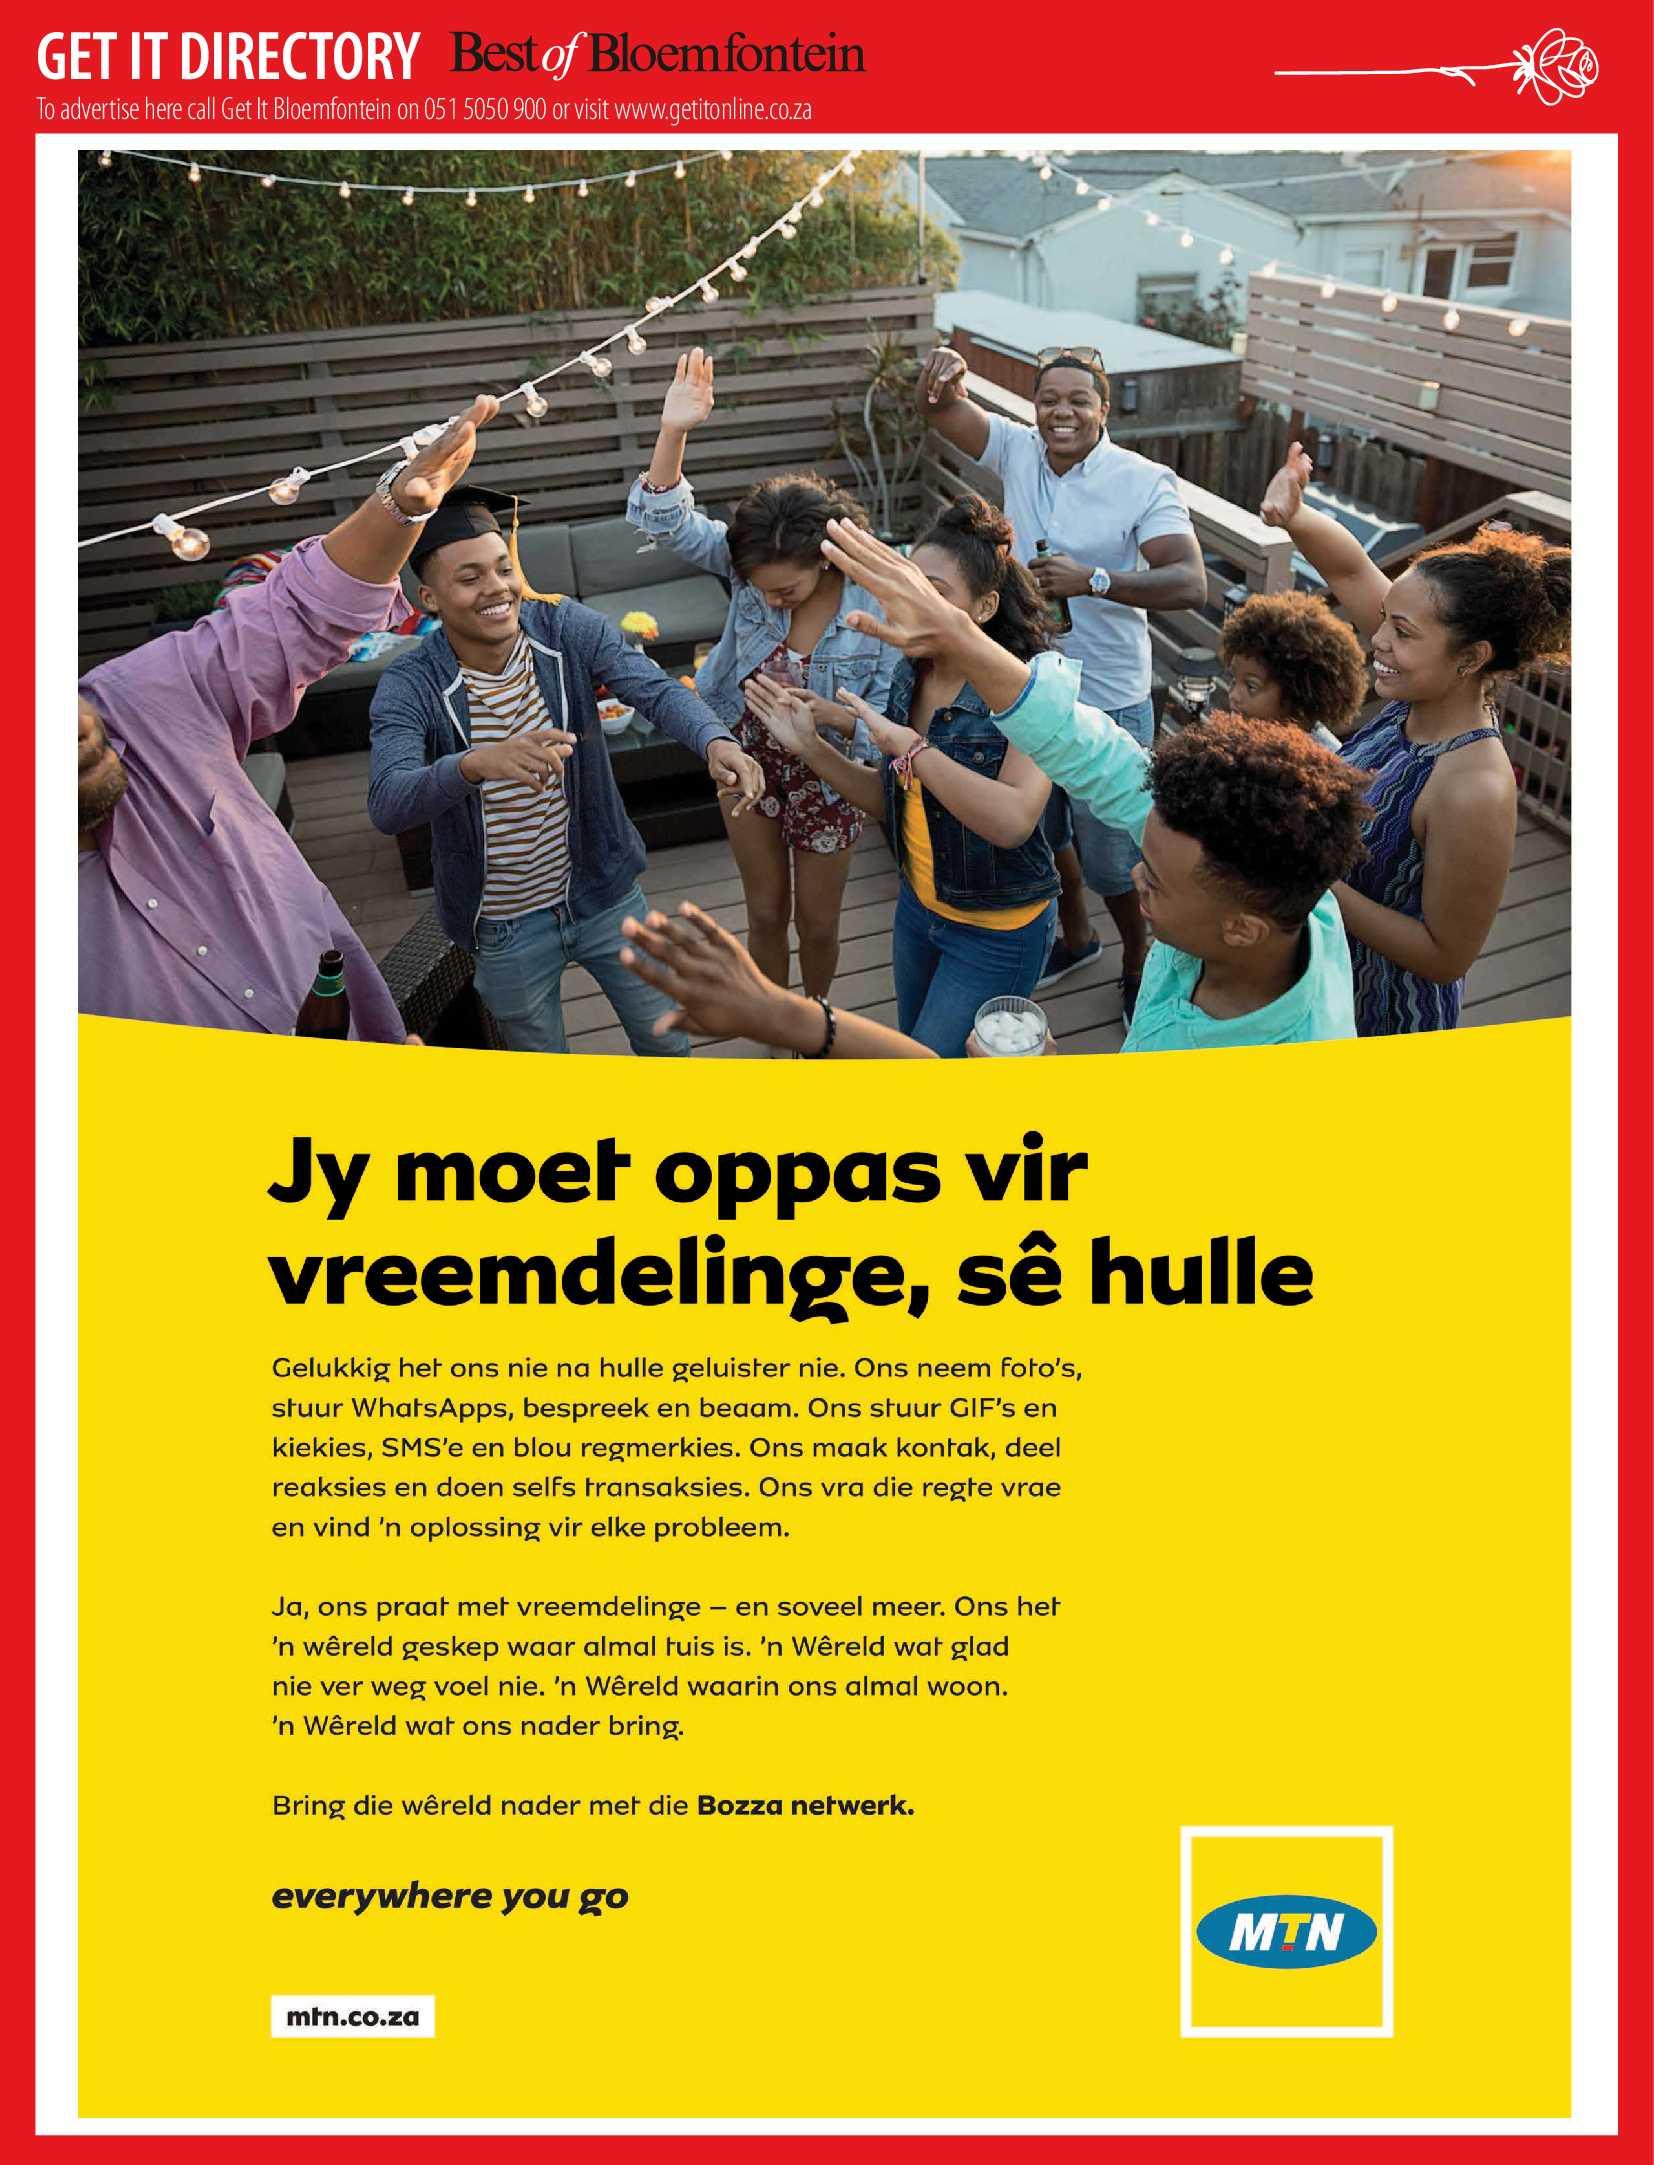 get-bloemfontein-august-2018-epapers-page-58